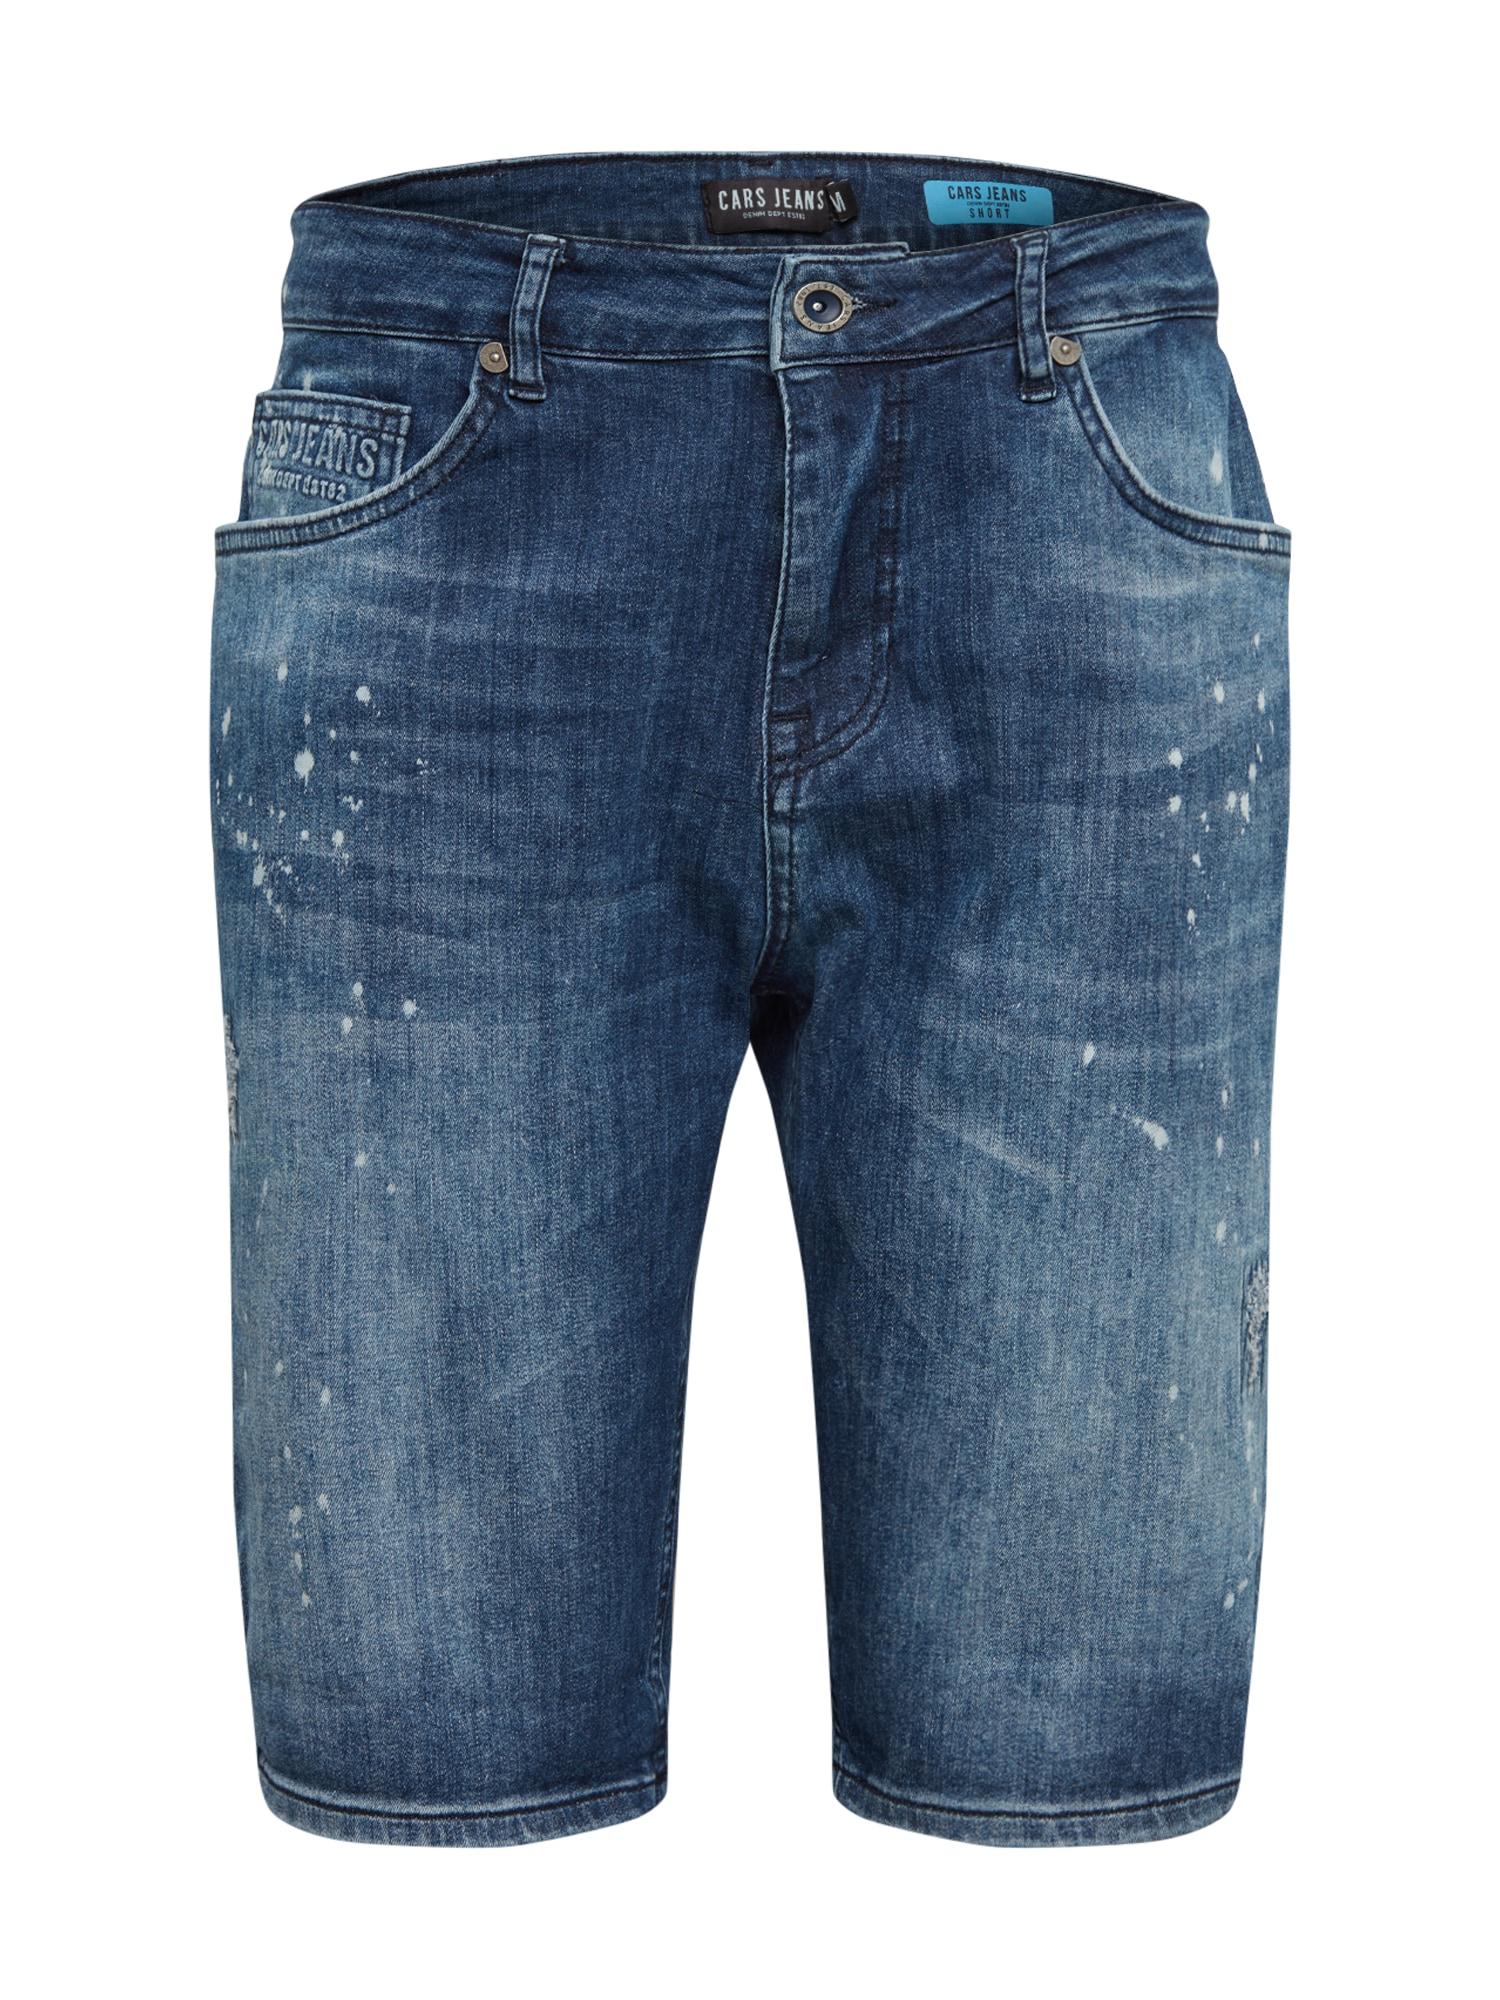 Cars Jeans Džinsai 'BARIS' tamsiai (džinso) mėlyna